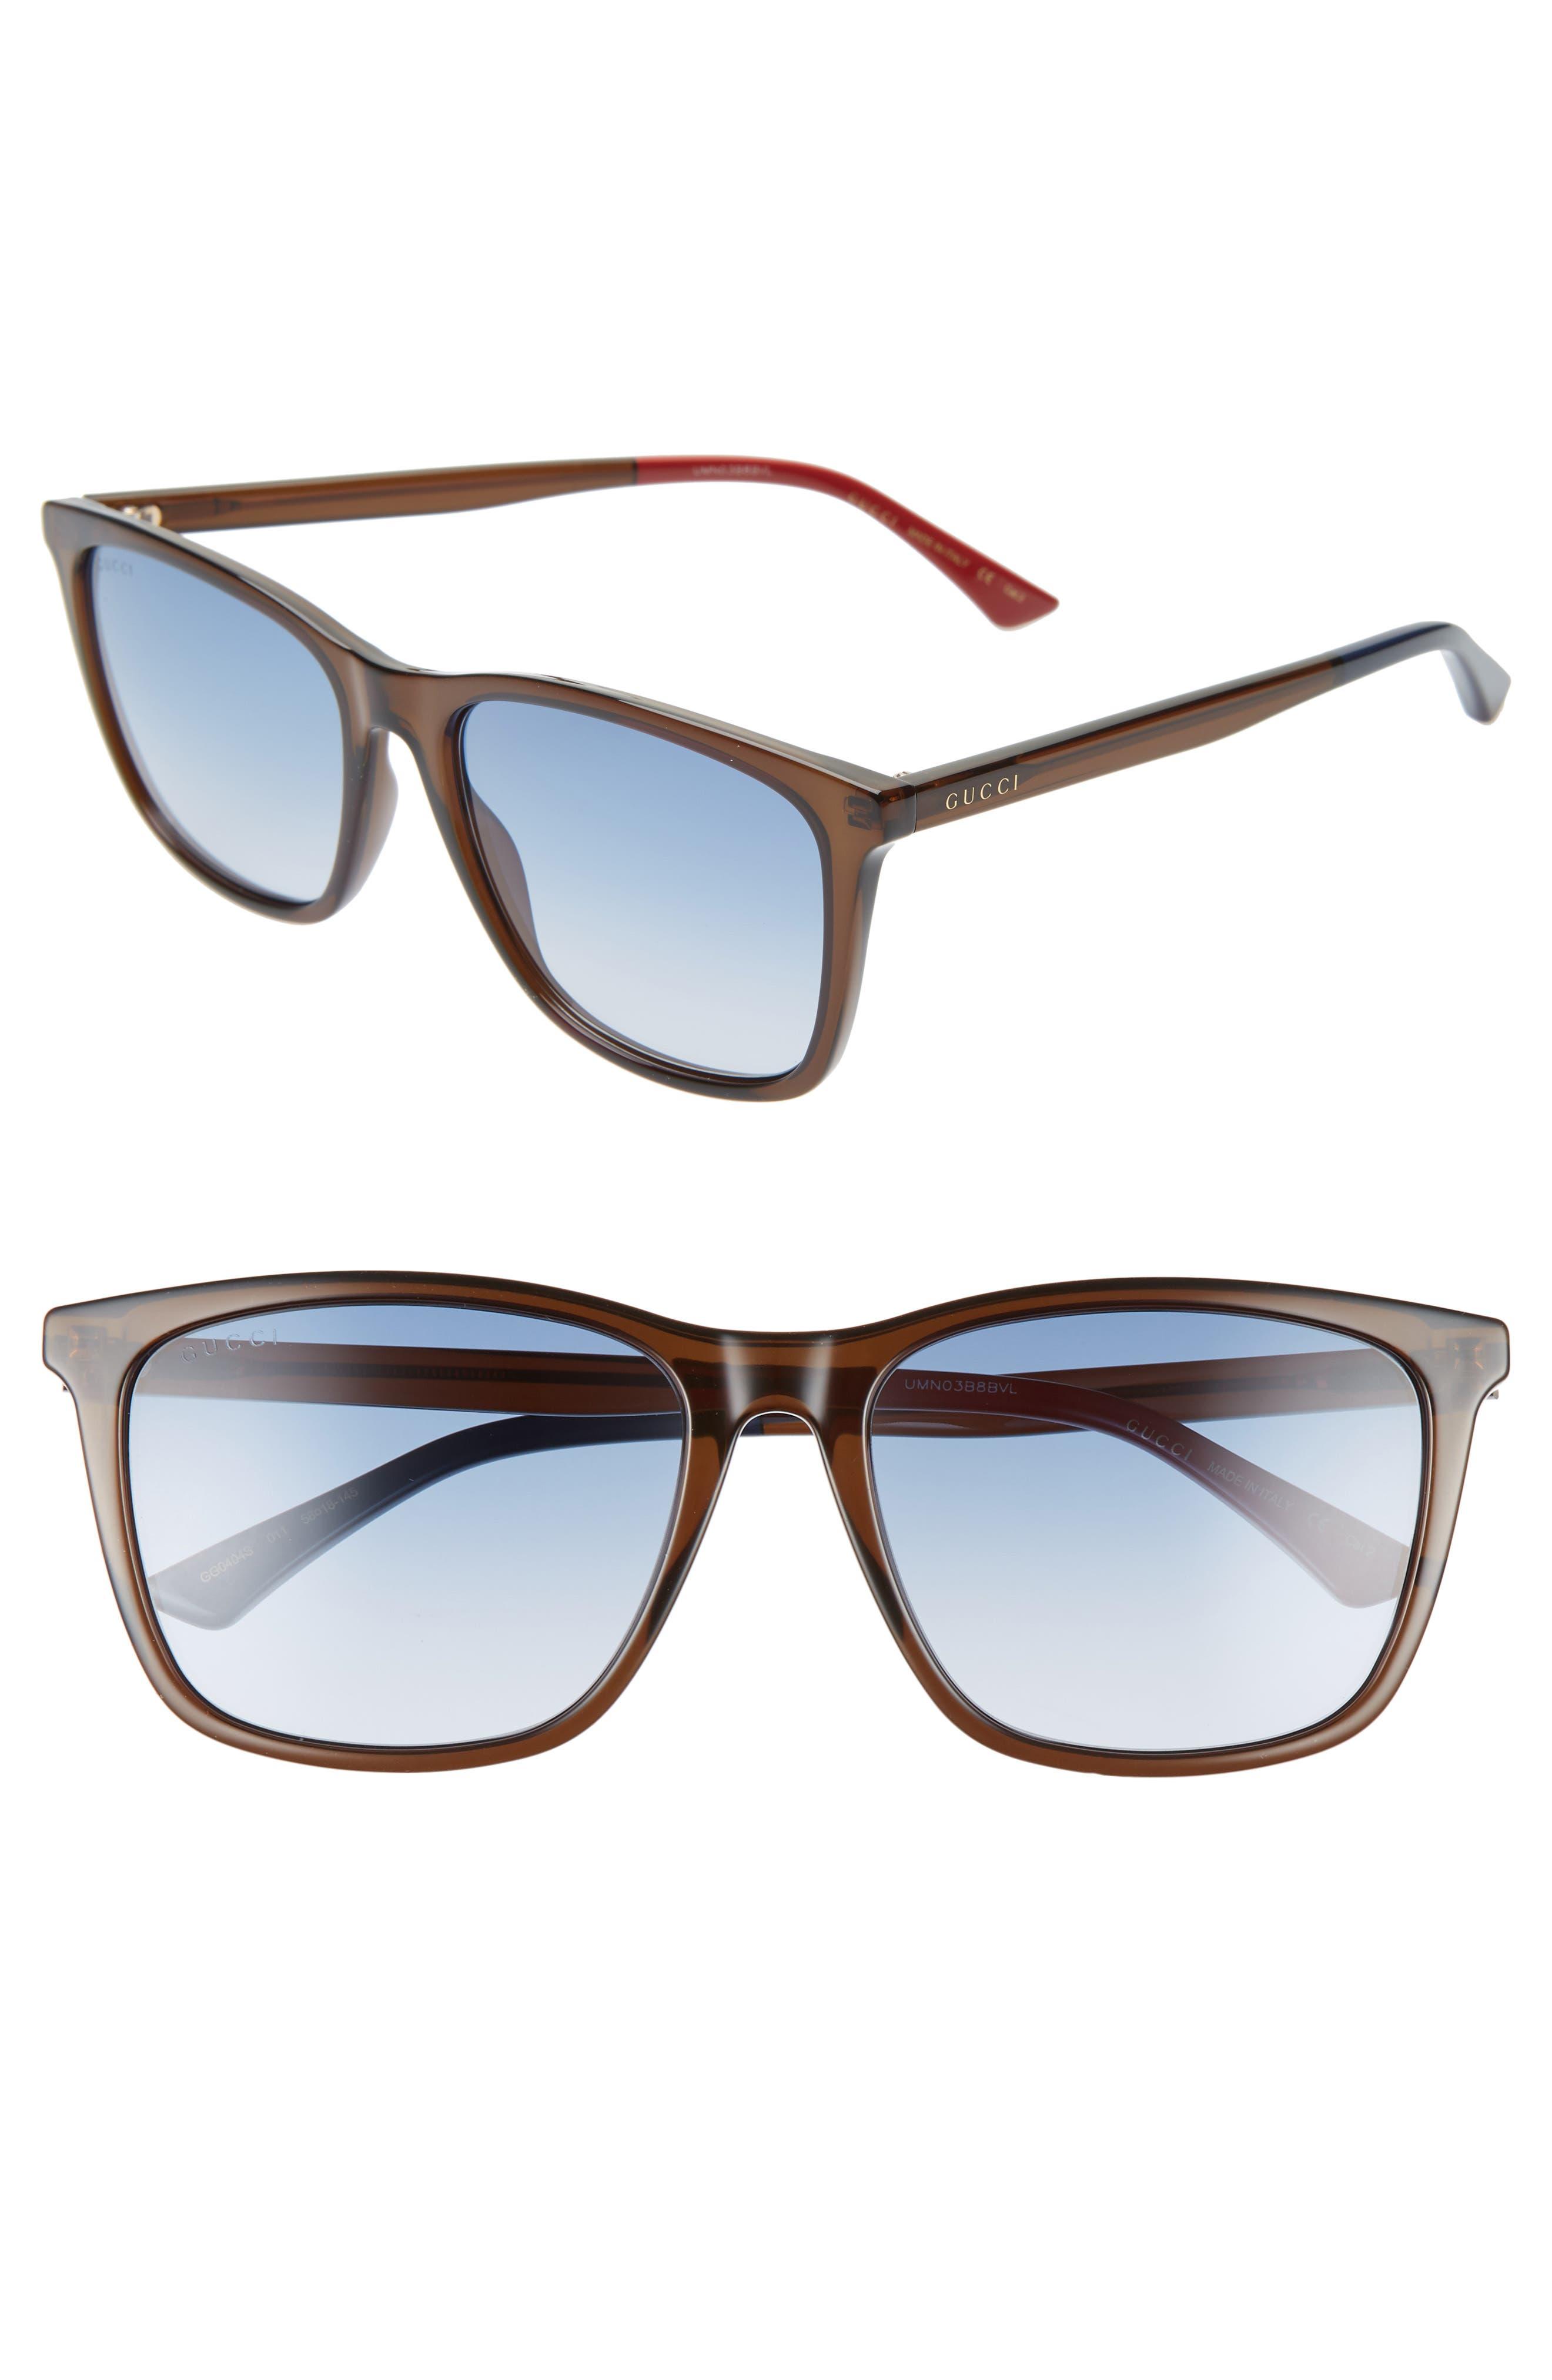 43411cce85e9 Gucci 5m Square Sunglasses - Transparent Olive